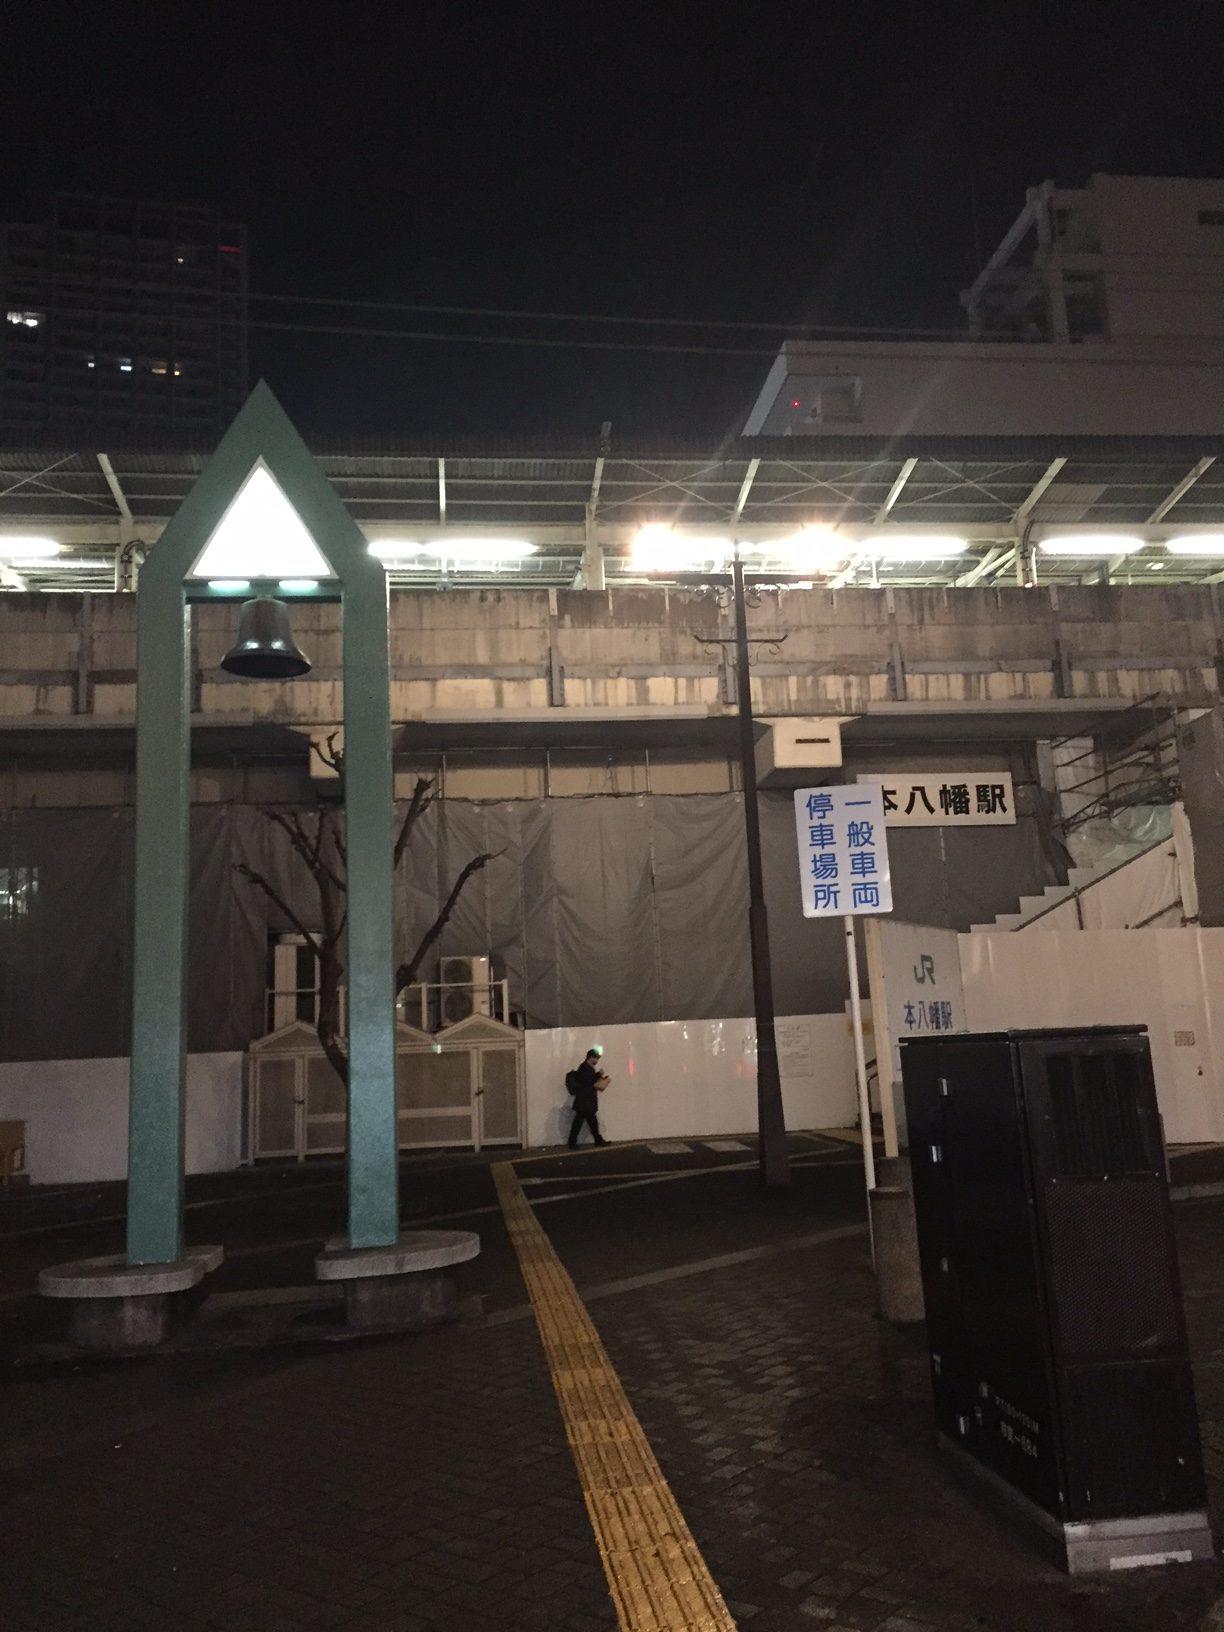 深夜のタクシー乗り場